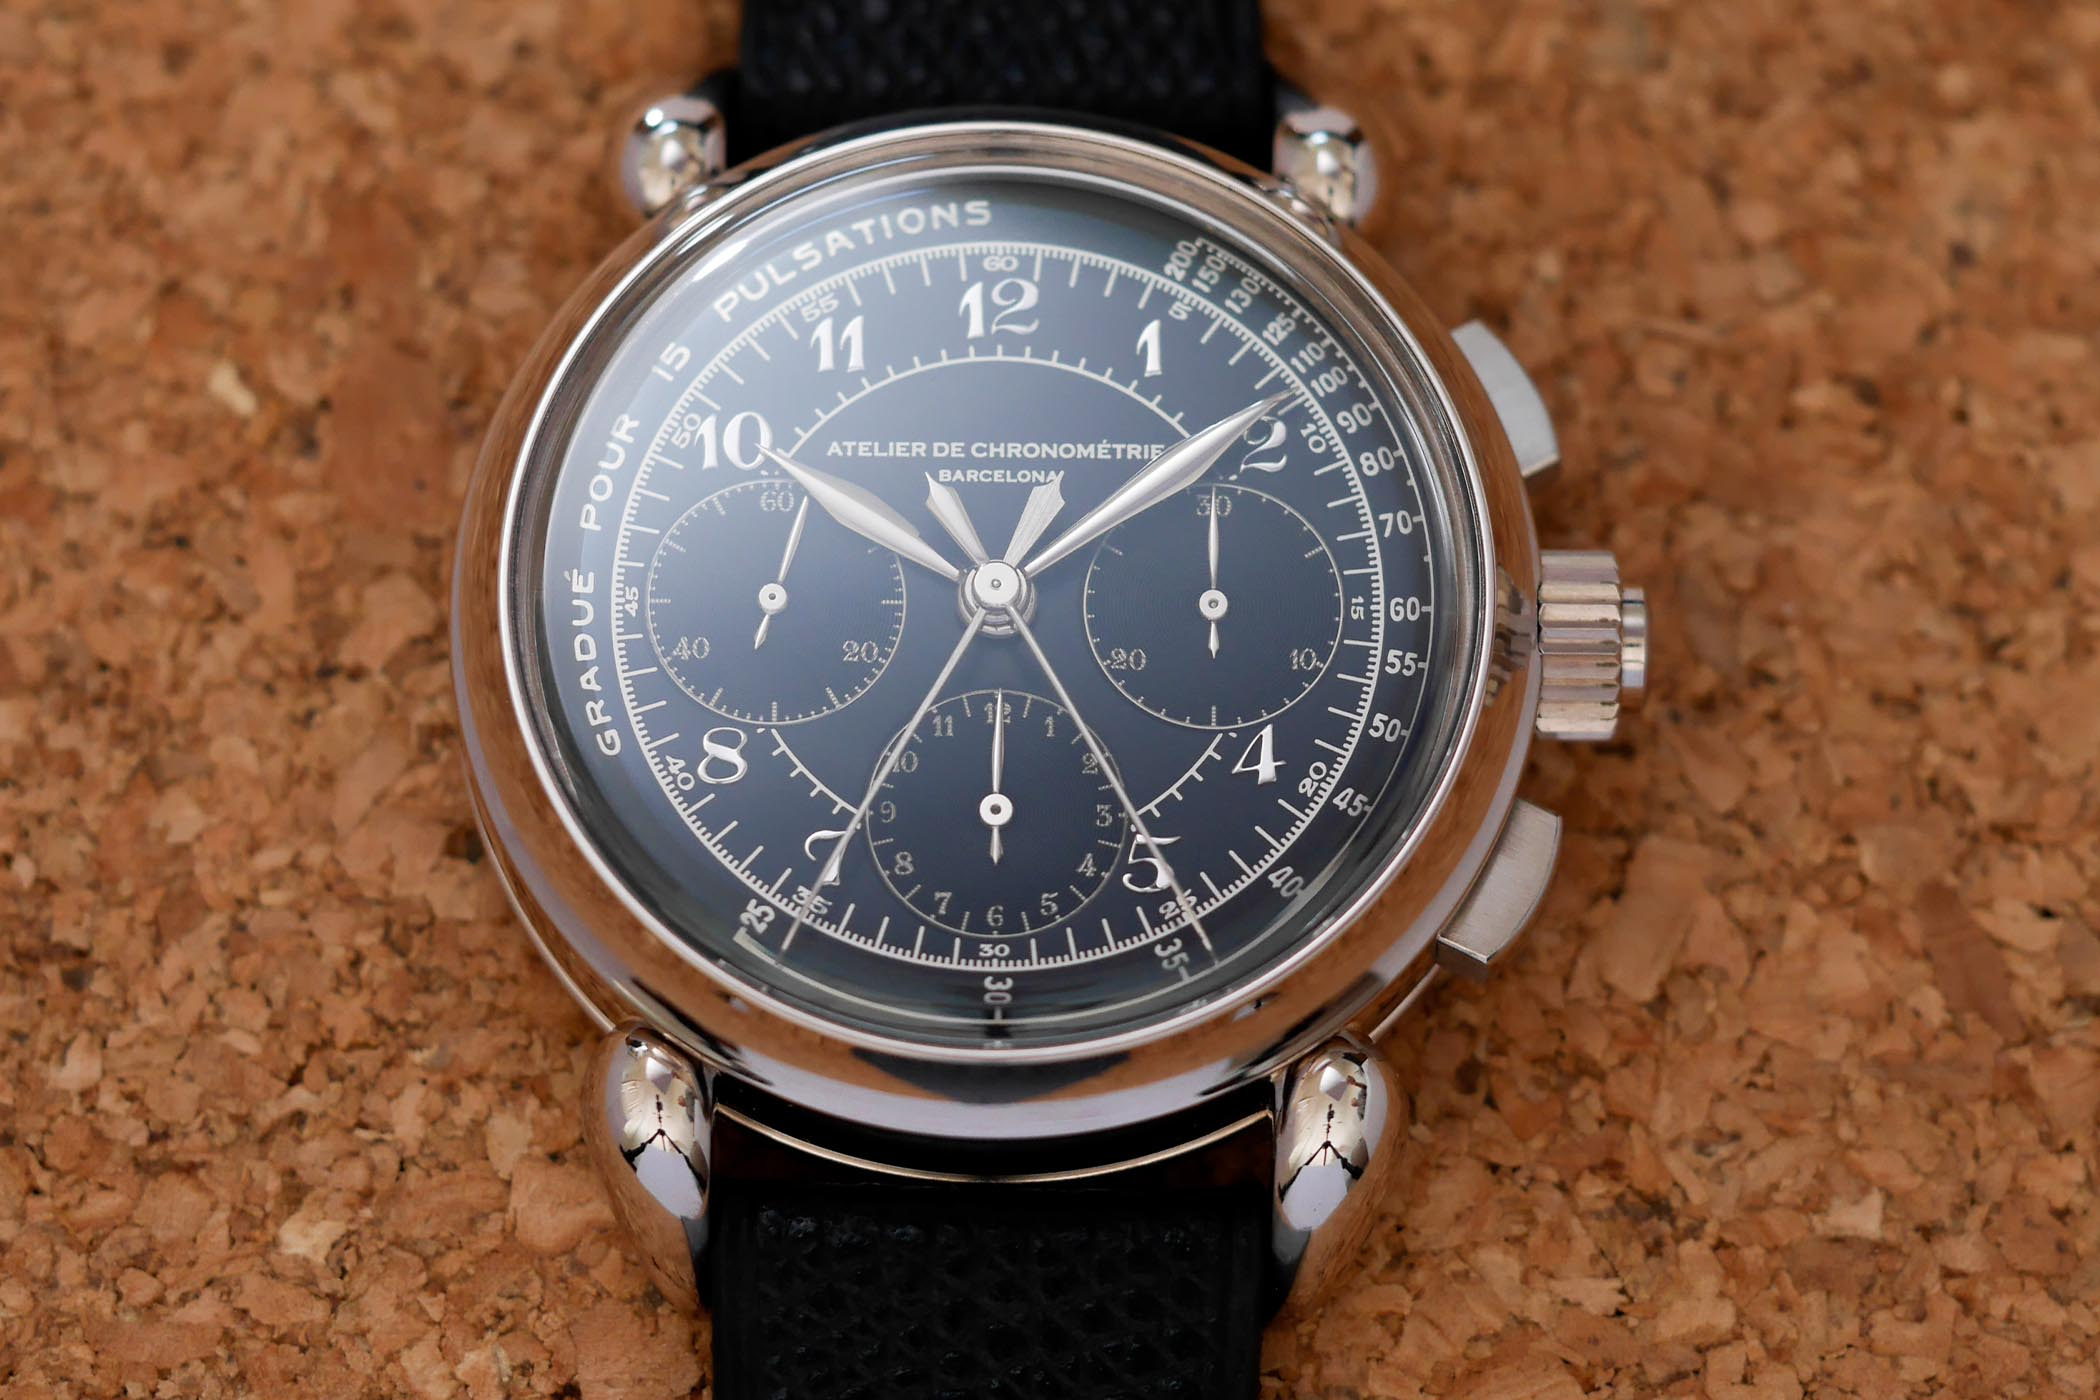 Atelier de Chronométrie AdC8 Split Seconds Chronograph